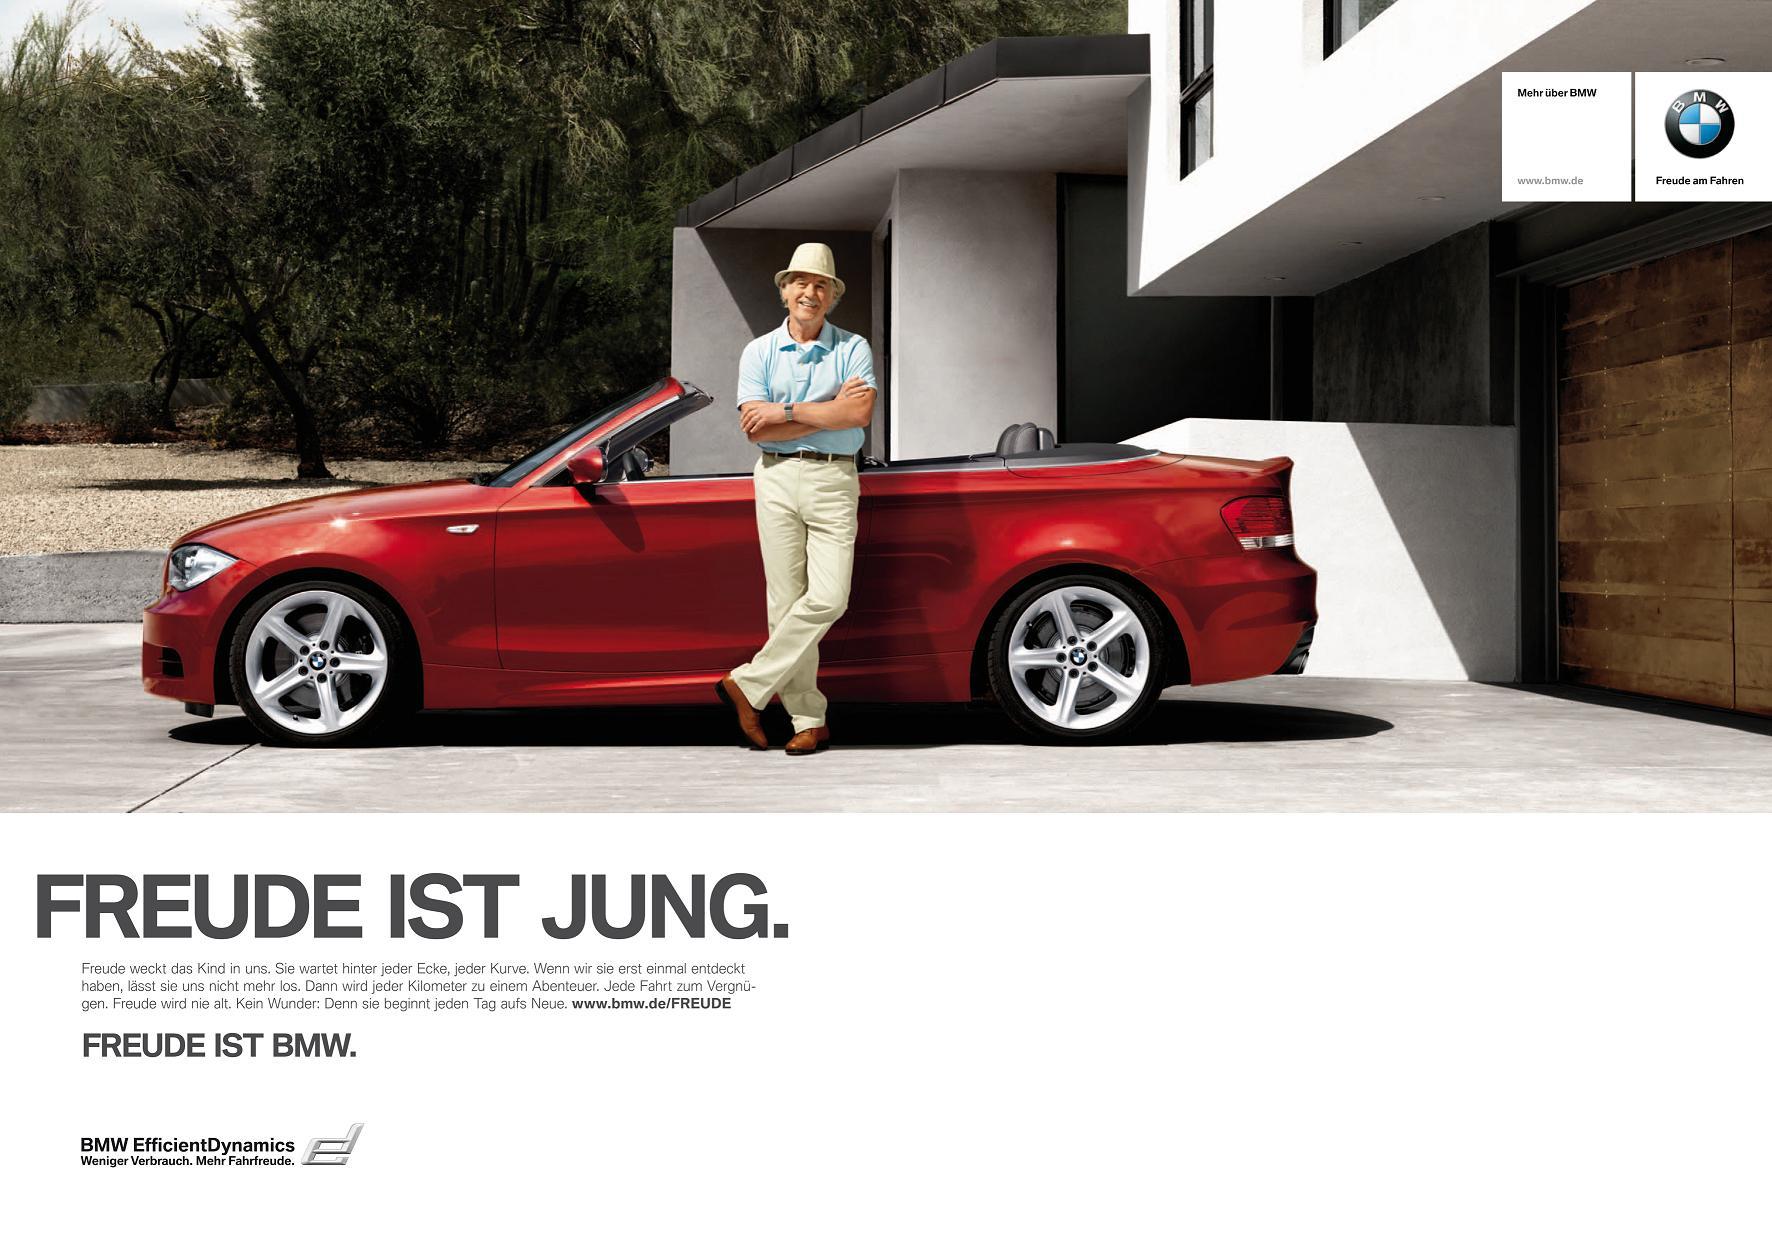 Neue Werbekampagne Gesucht Quot Freude Ist Bmw Quot Hat Ausgedient